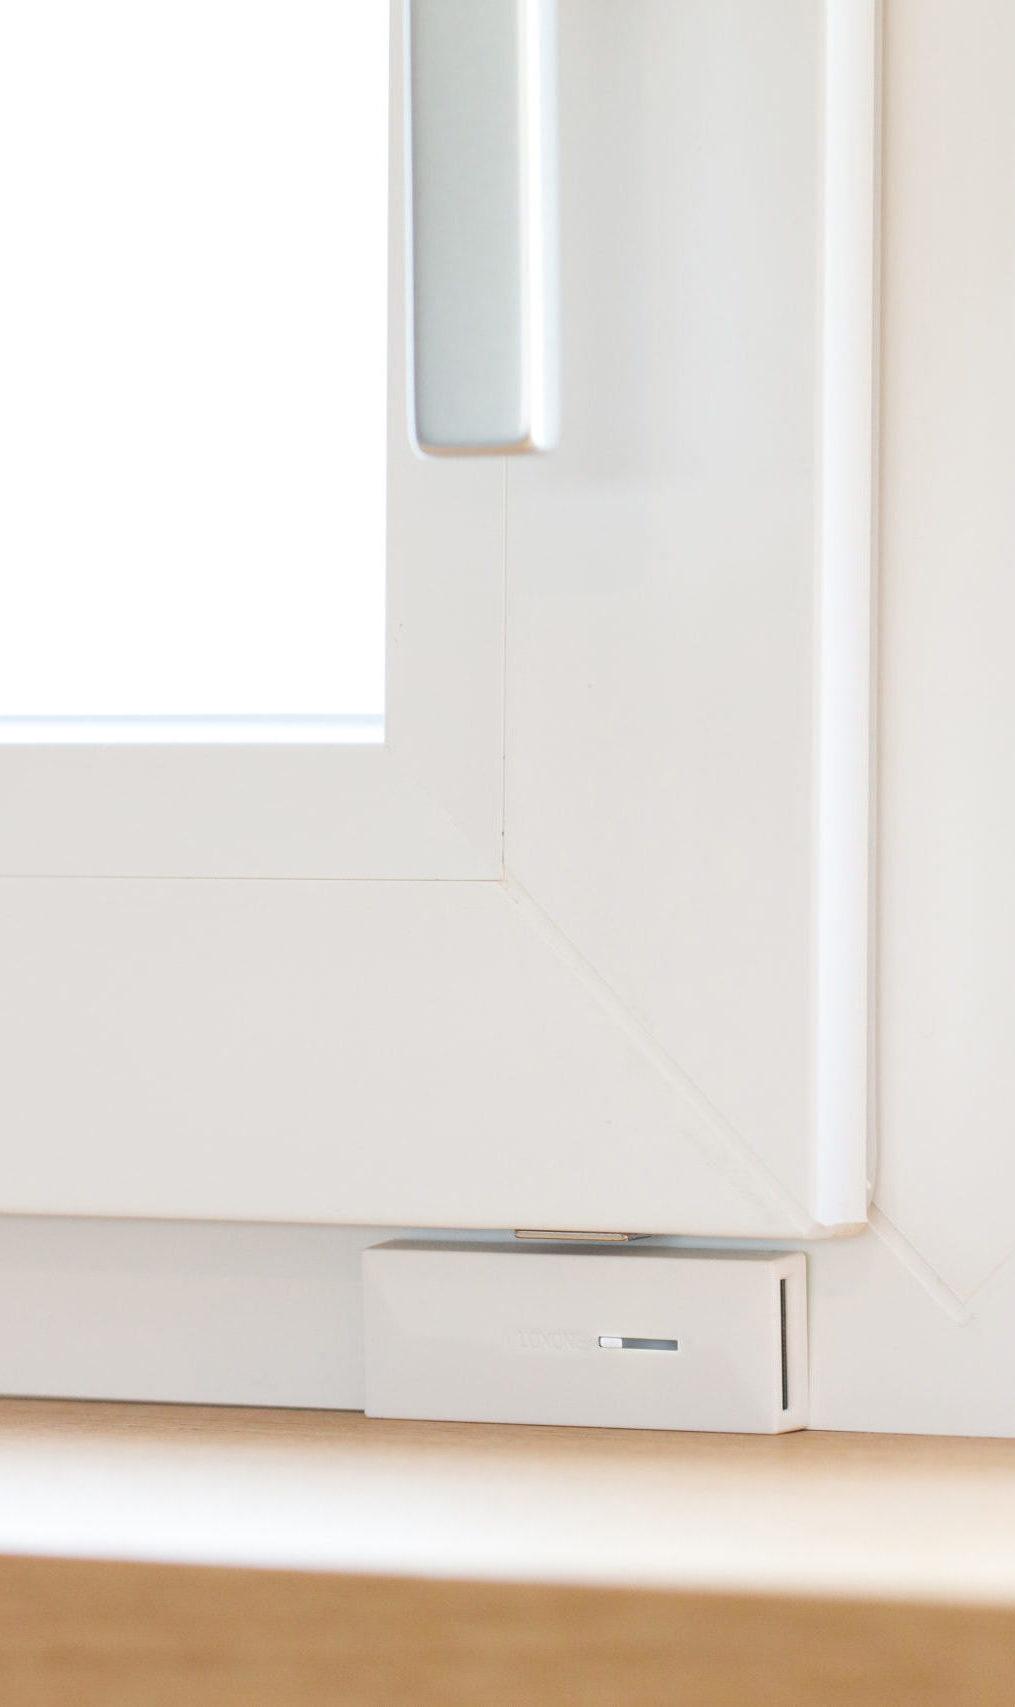 Contactos de puerta y ventana